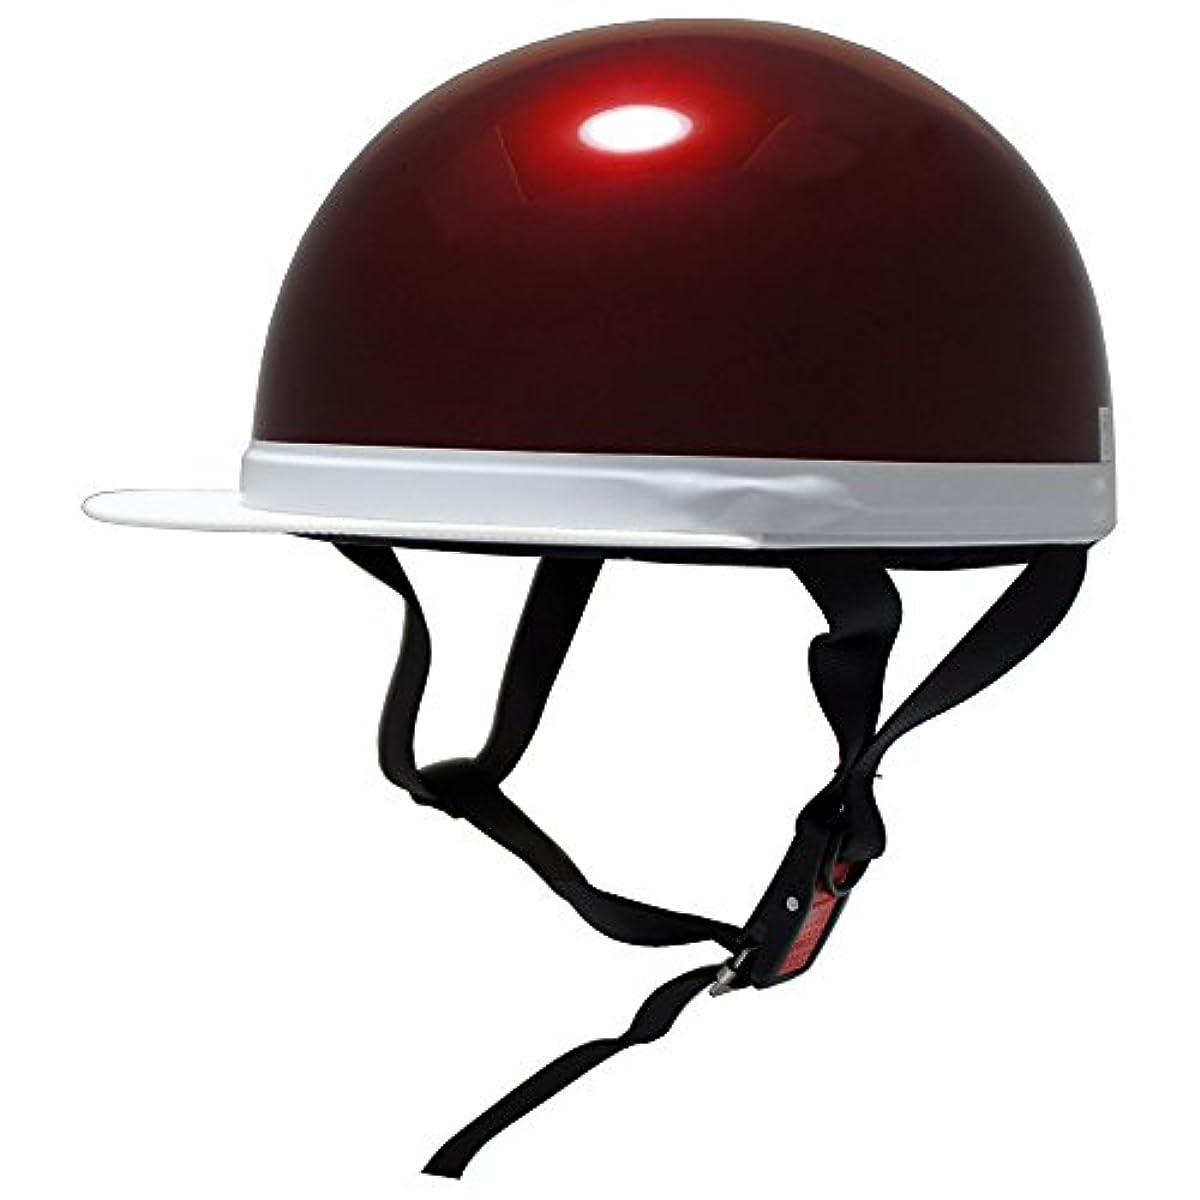 [해외] [B 앤드 B] 오토바이용 헬멧 화이트즈바 반캡 SG마크 적합성피혁품 캔디 레드 프리 사이즈 BB-300